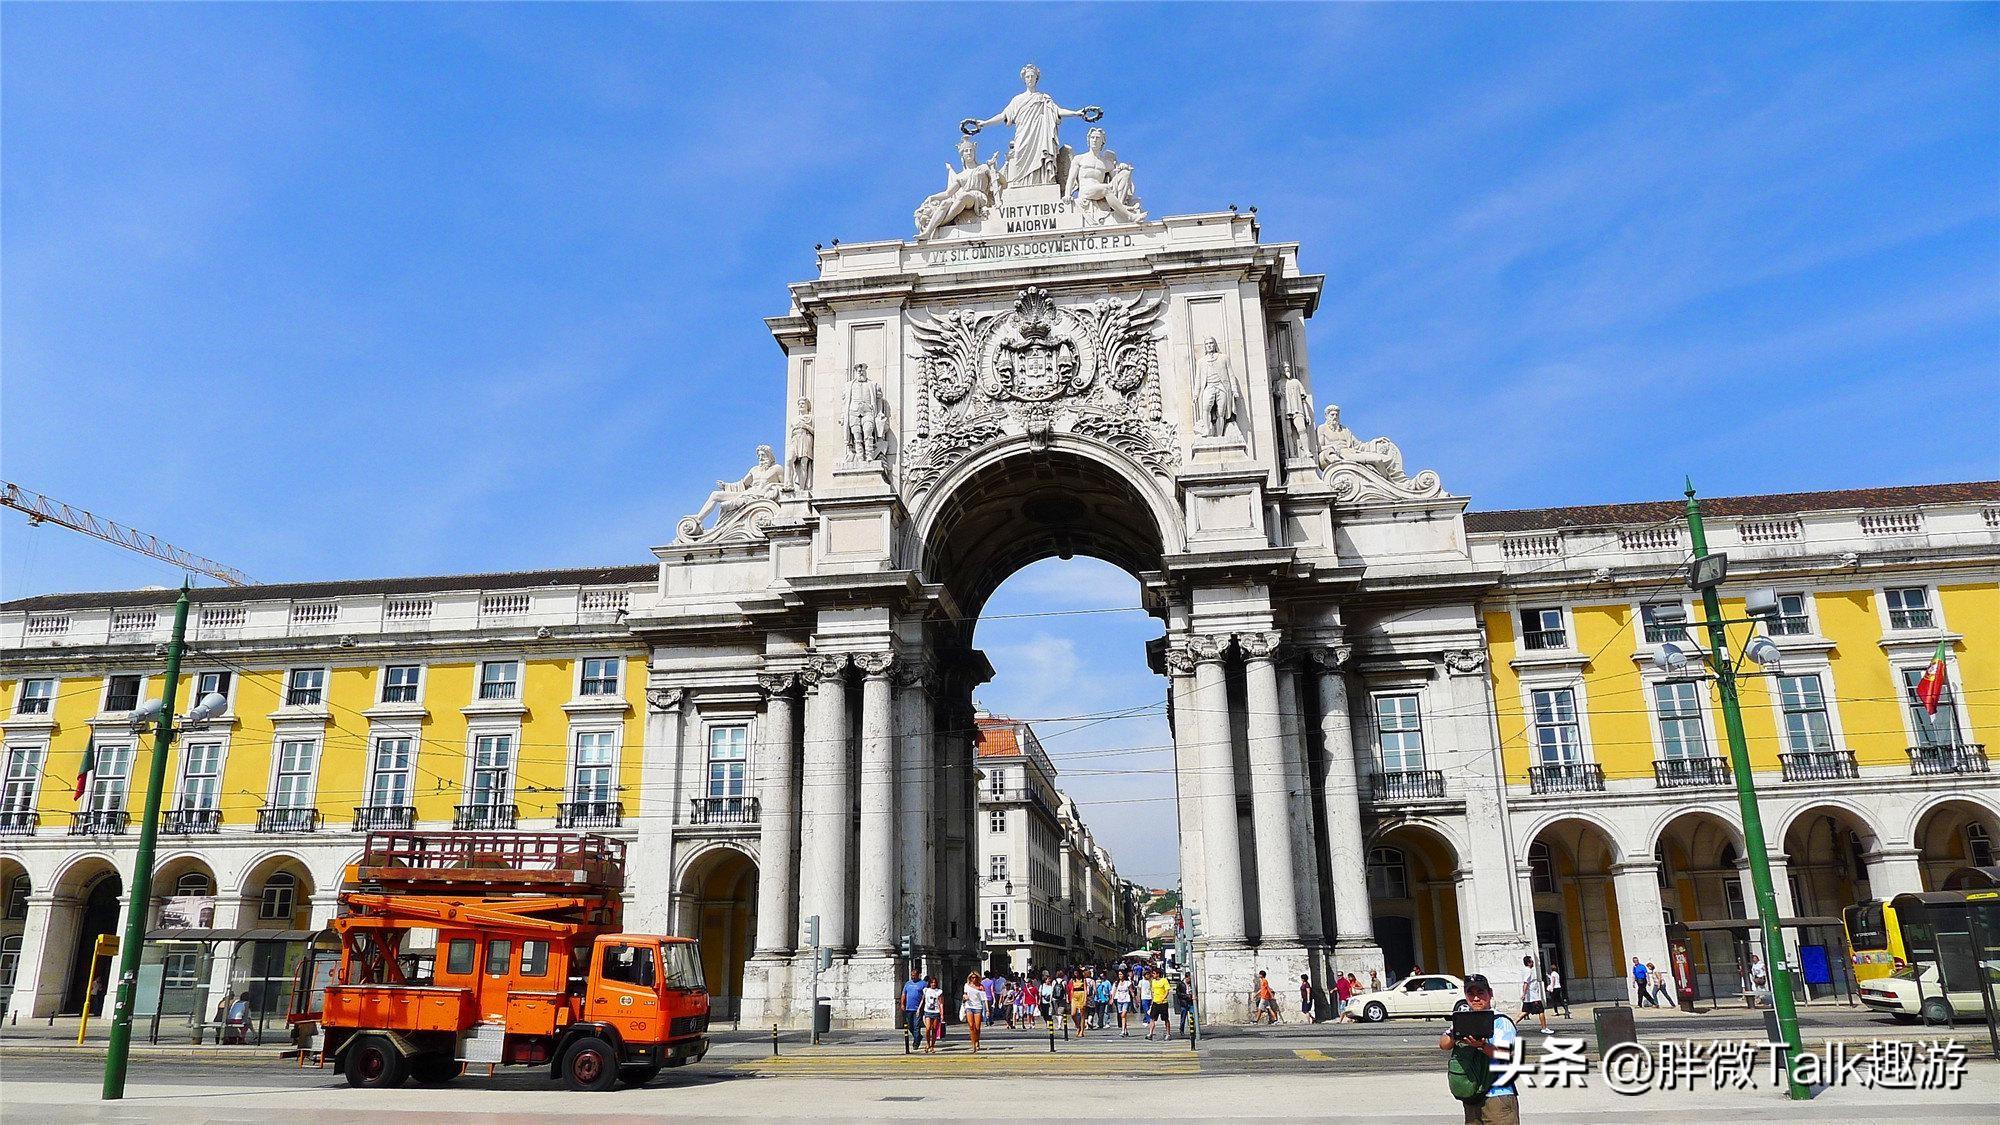 探访葡萄牙里斯本,这里有着与众不同的修道院和文化街